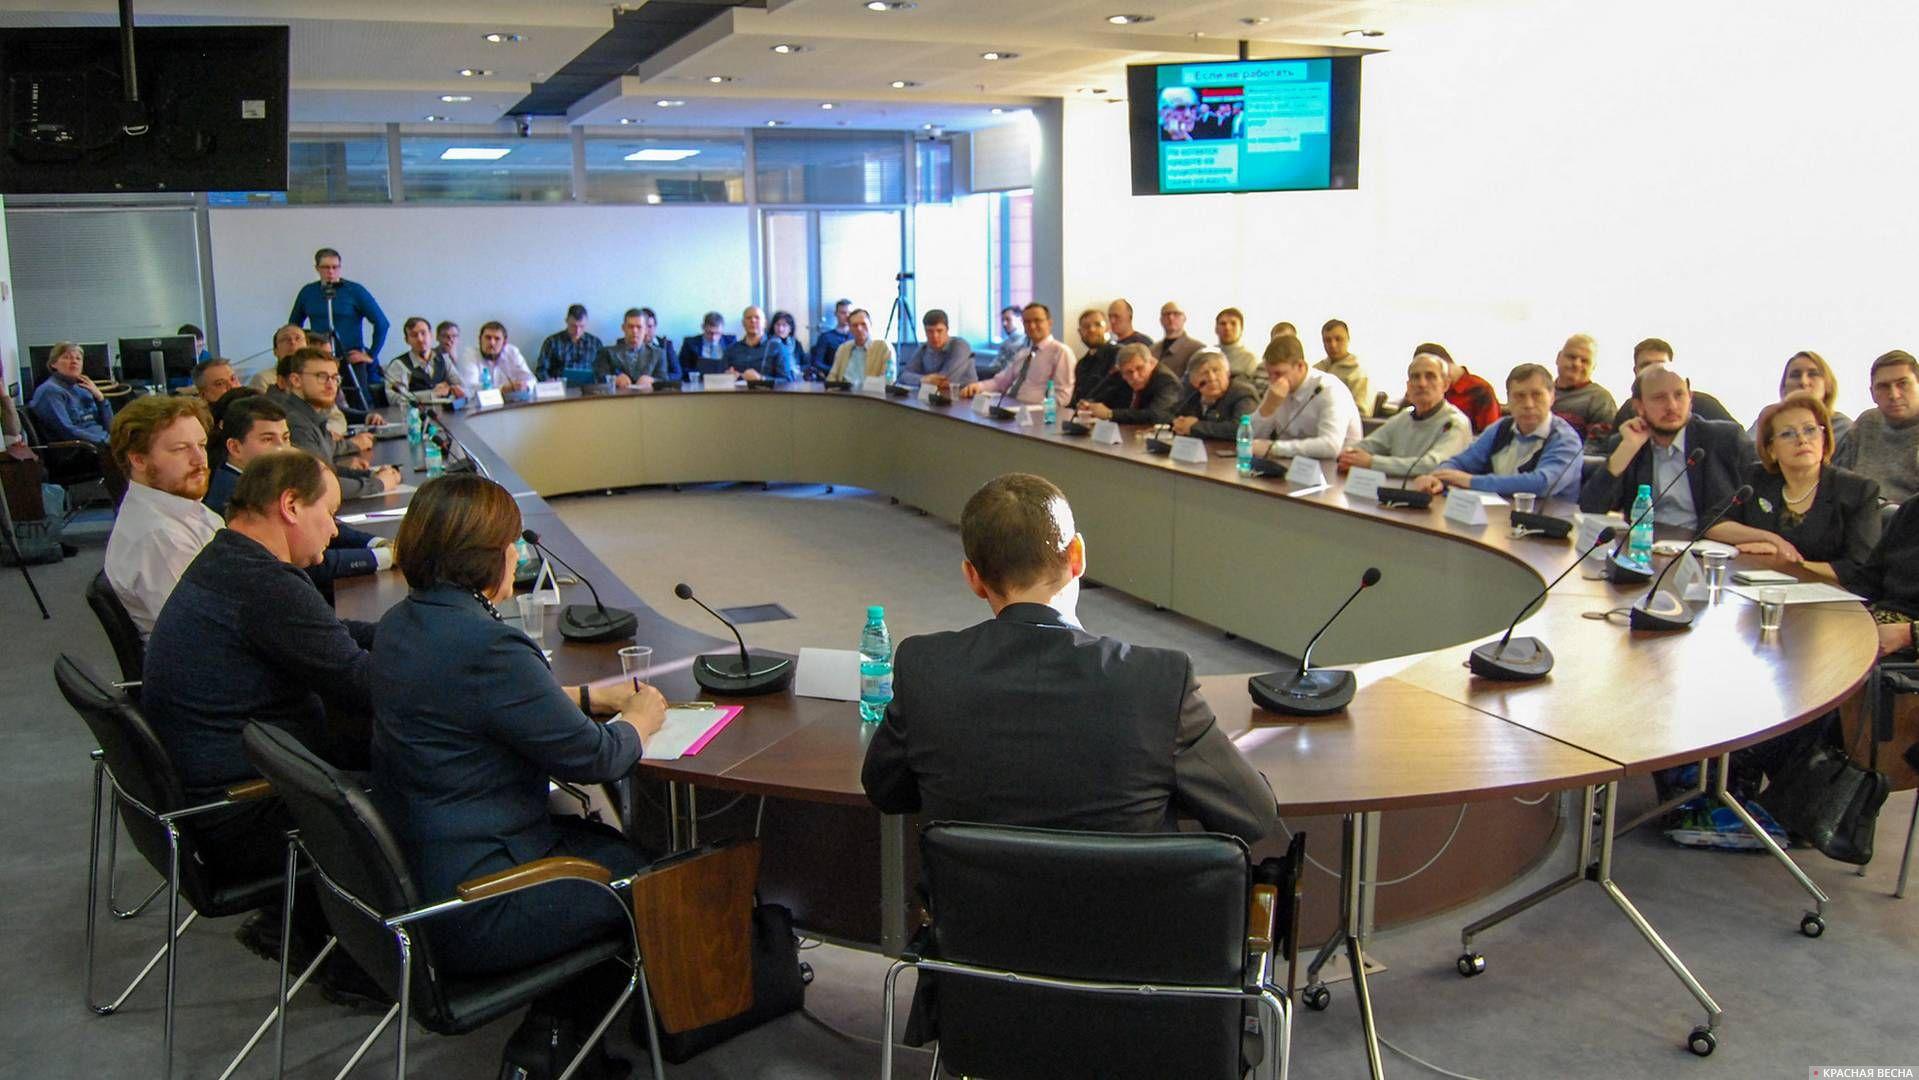 Дискуссионный круглый стол в Новосибирске «Увеличение пенсионного возраста аргументы «за» и «против»